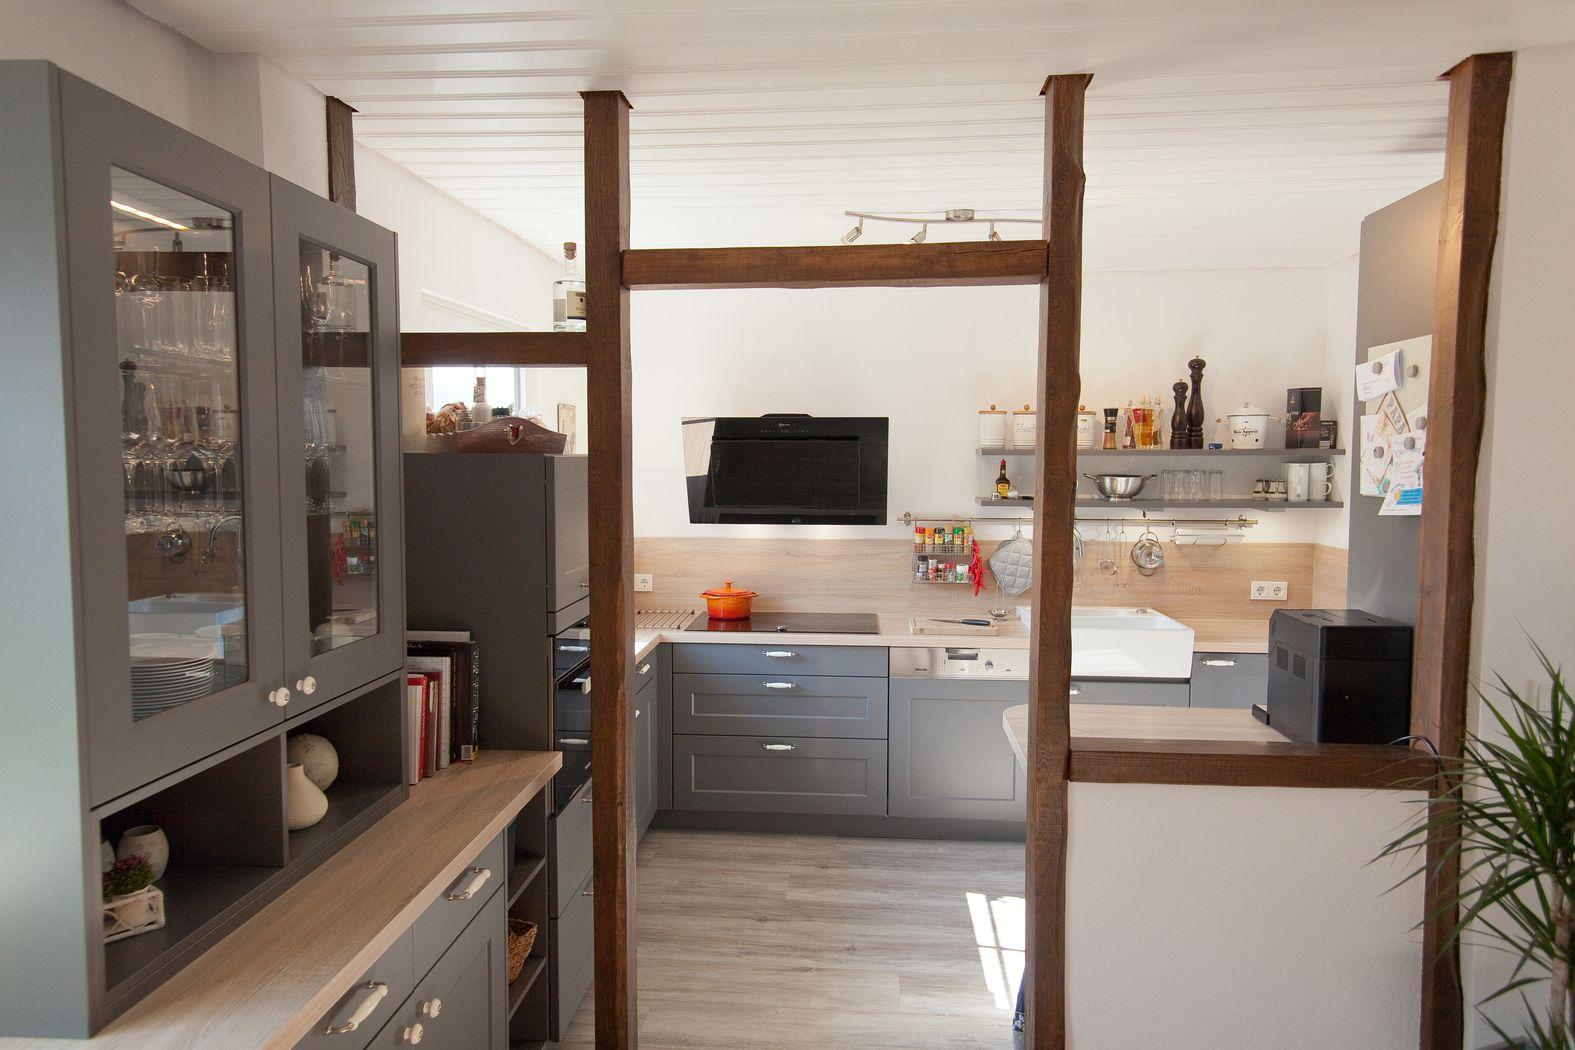 Full Size of Vorhang Landhausstil Küche Landhausstil Küche Deko Küche Landhausstil Englisch Küche Landhausstil Hardeck Küche Landhausstil Küche